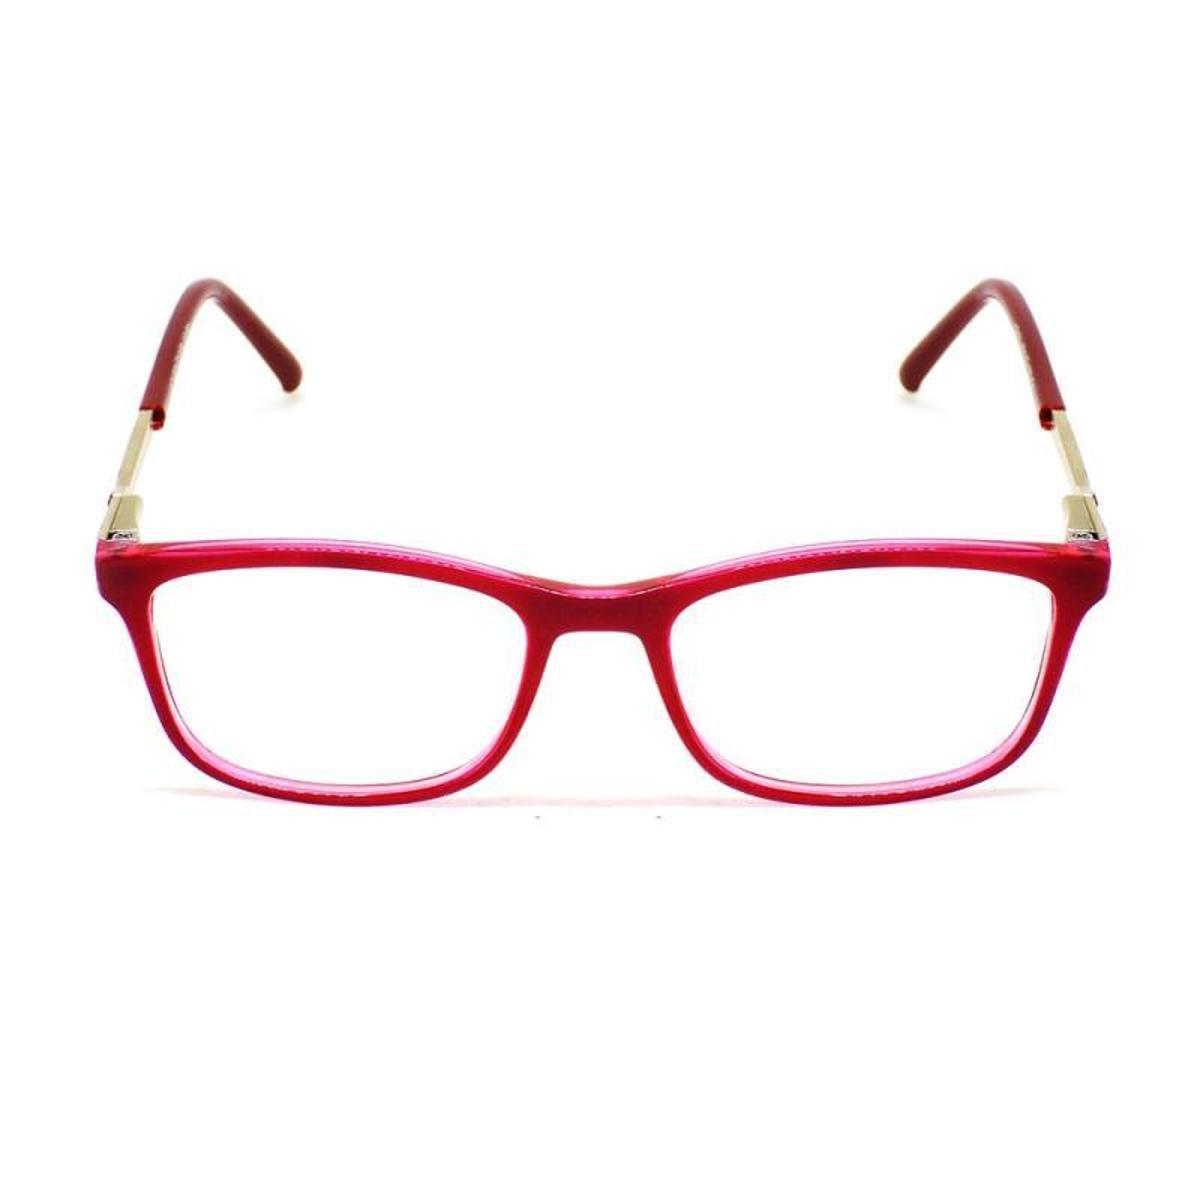 7745ee4adb222 Armação De Óculos De Grau Feminino Casual Cannes 161 T 46 C ...